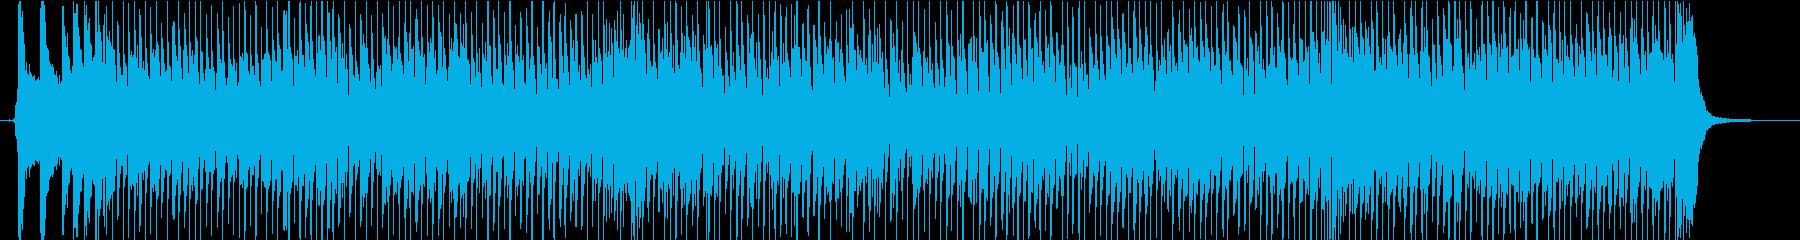 フィドルとマンドリンの軽快なカントリーの再生済みの波形